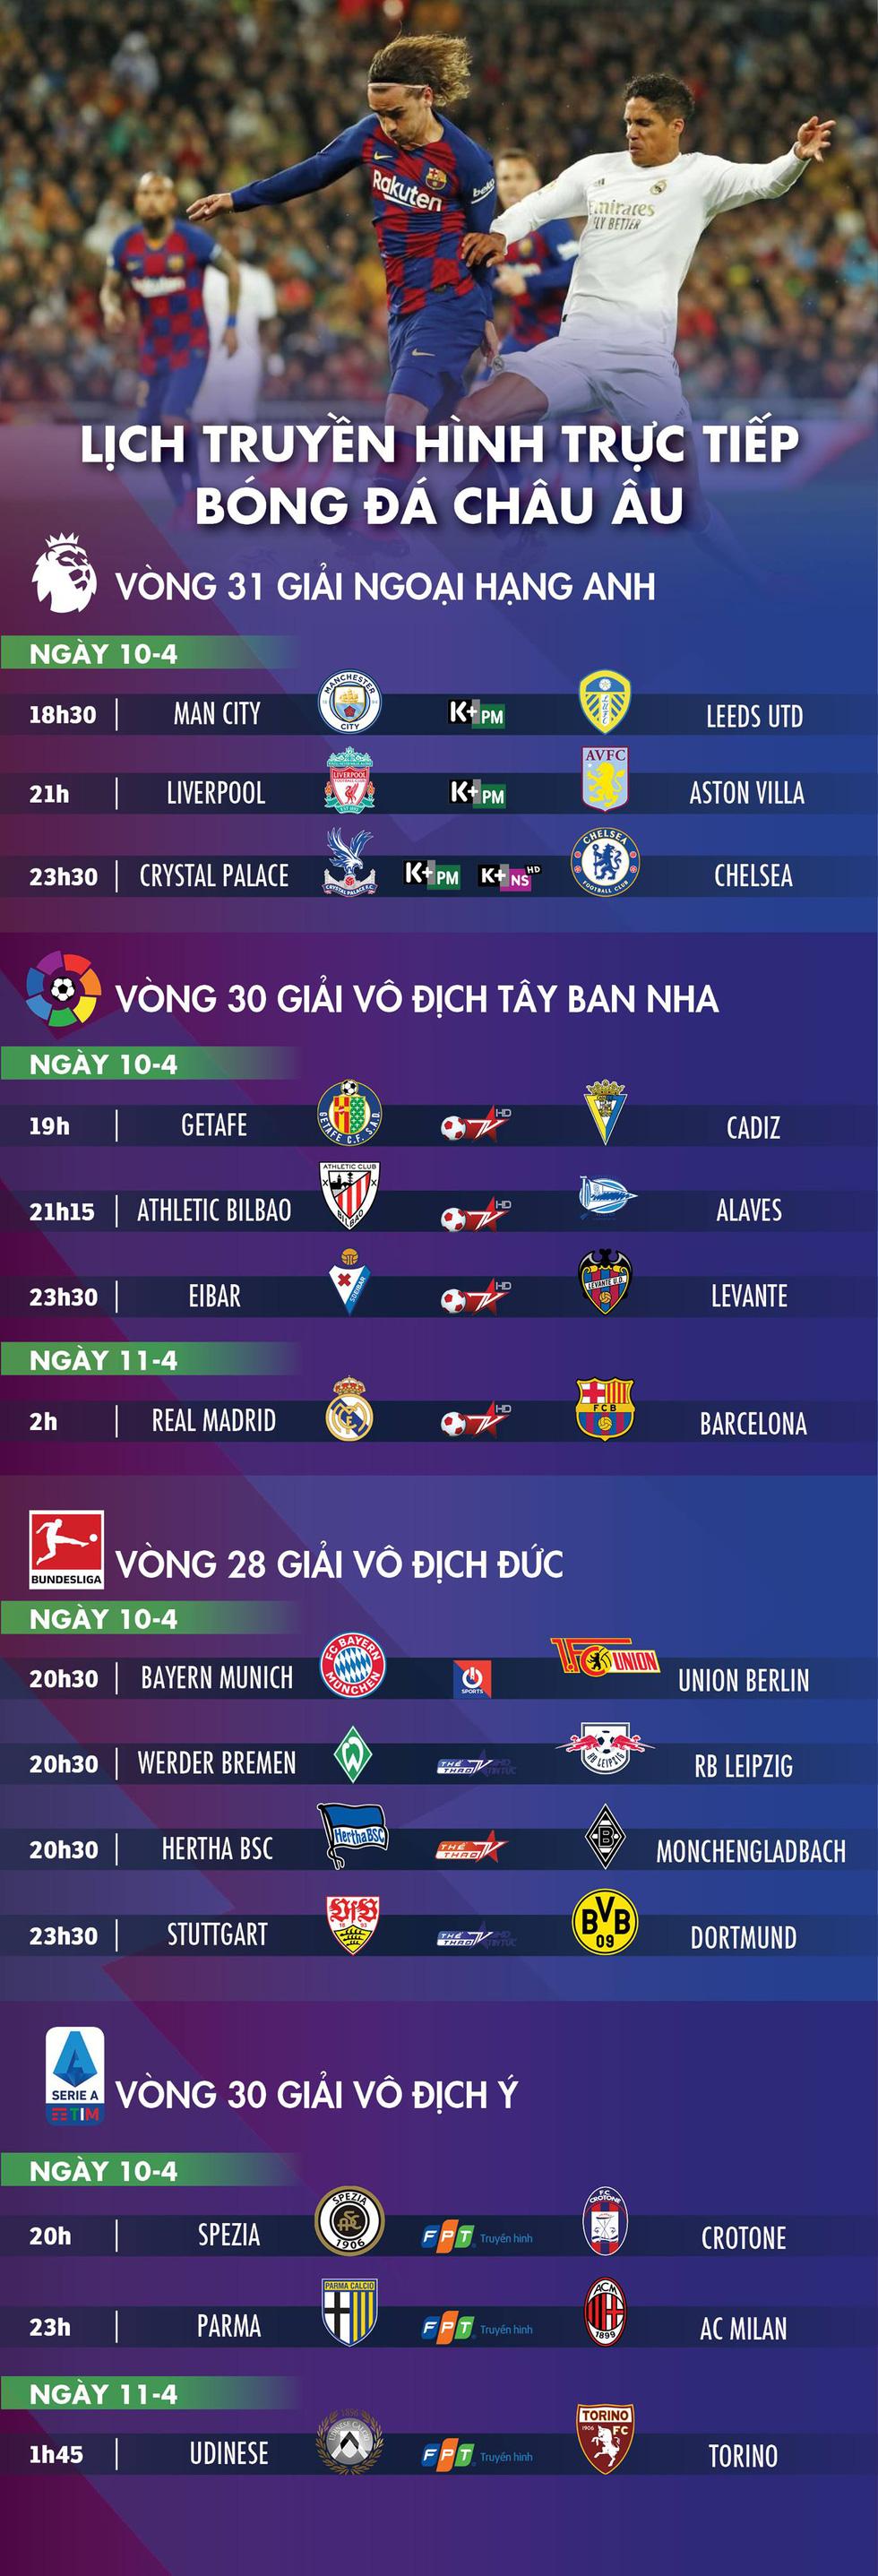 Lịch trực tiếp bóng đá châu Âu 10-4: Tâm điểm Siêu kinh điển - Ảnh 1.